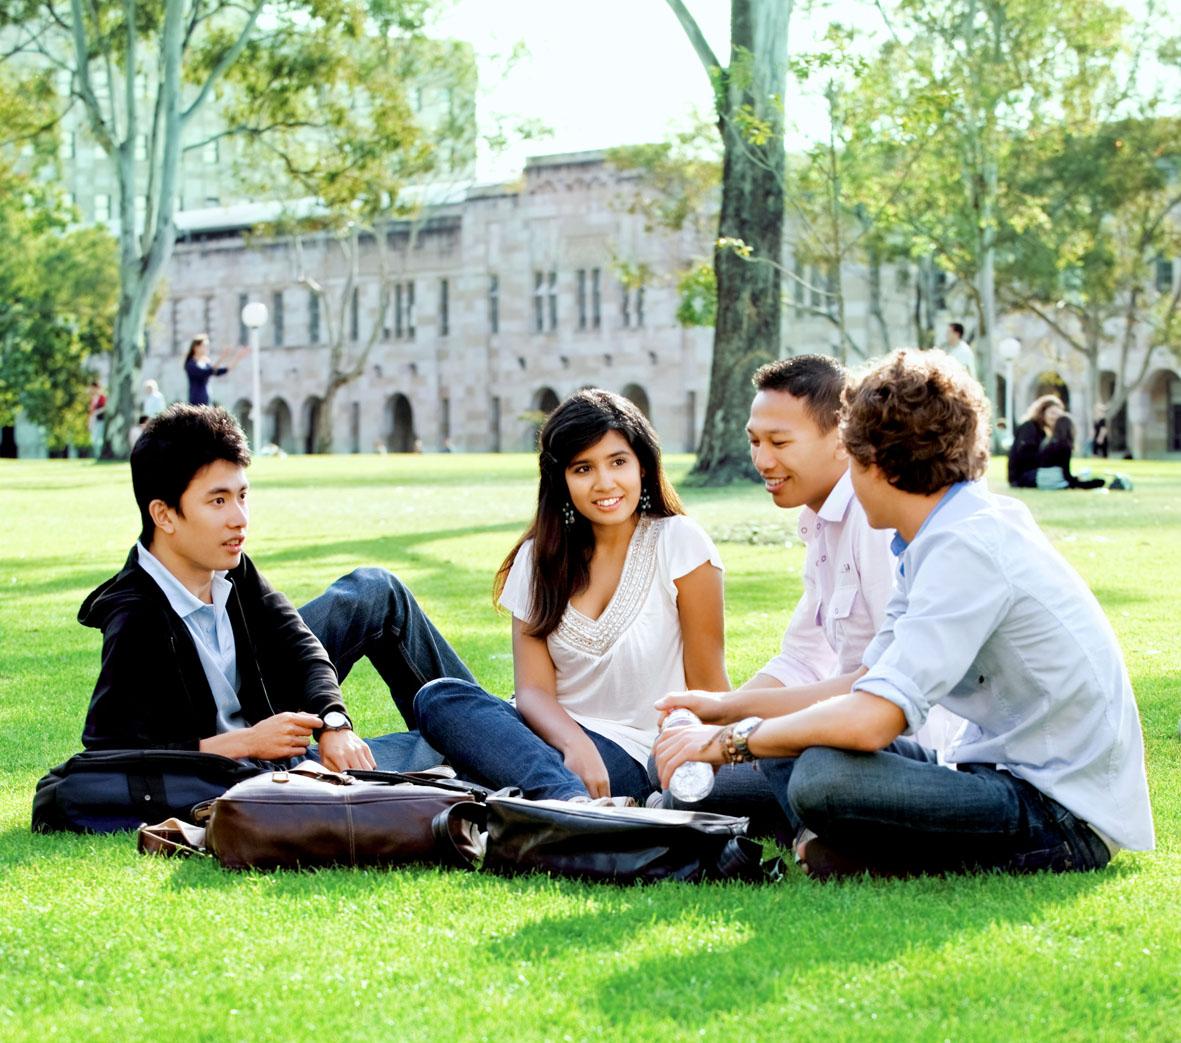 Kết quả hình ảnh cho 5 phương thức chi trả cho trải nghiệm du học mà du học sinh nên cân nhắc